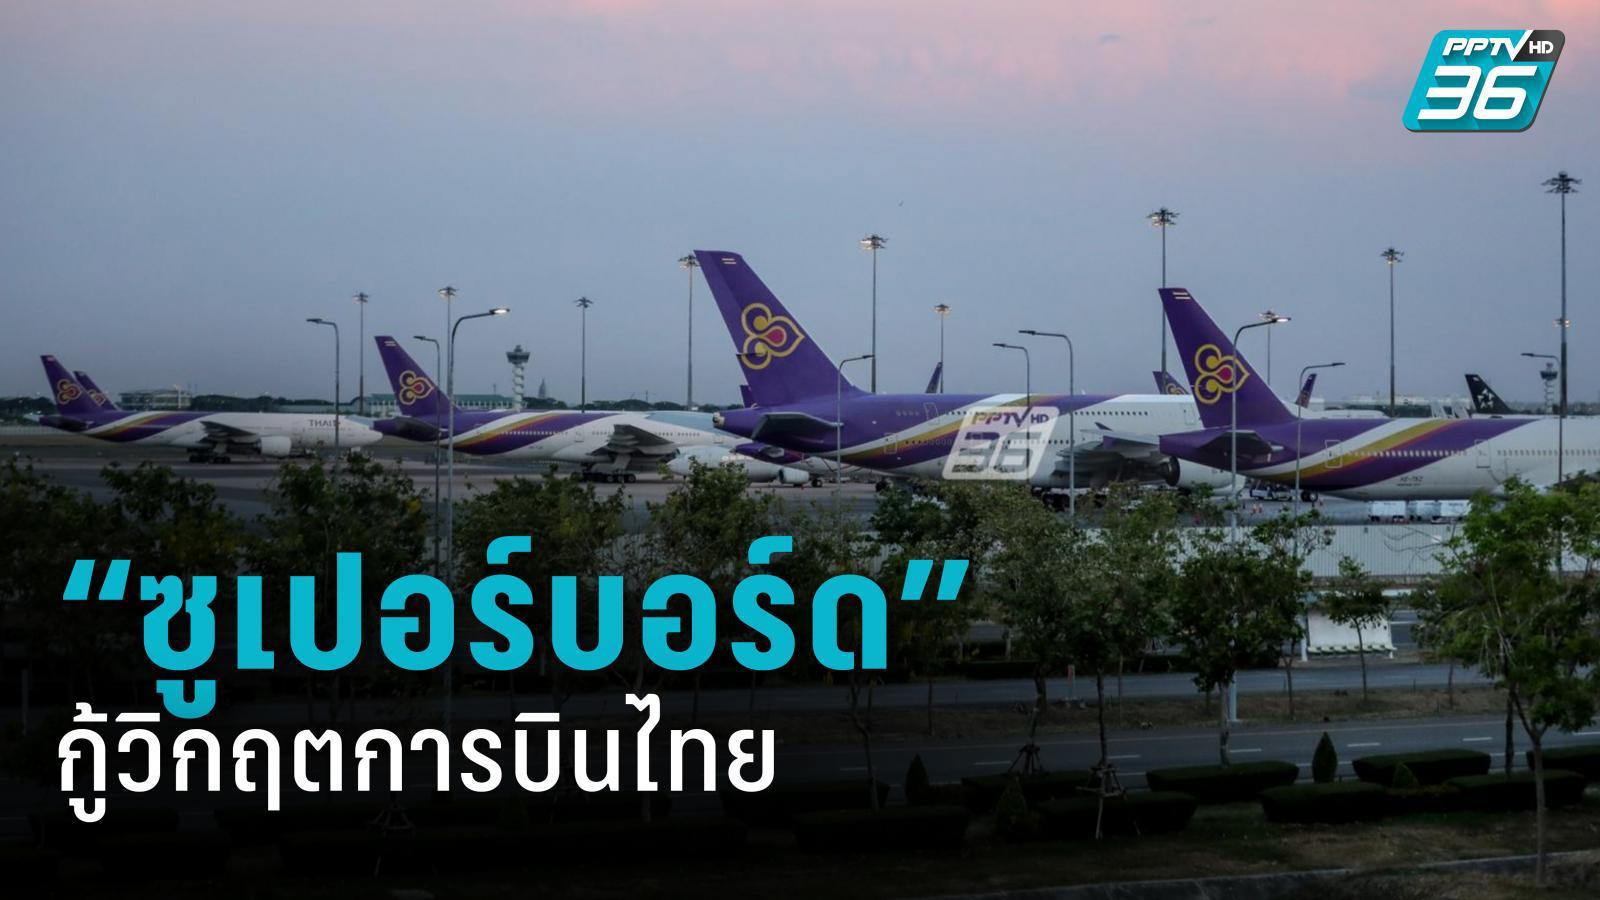 """เปิดรายชื่อ ซูเปอร์บอร์ด กู้วิกฤตการบินไทย """"วิษณุ"""" นั่งประธาน"""